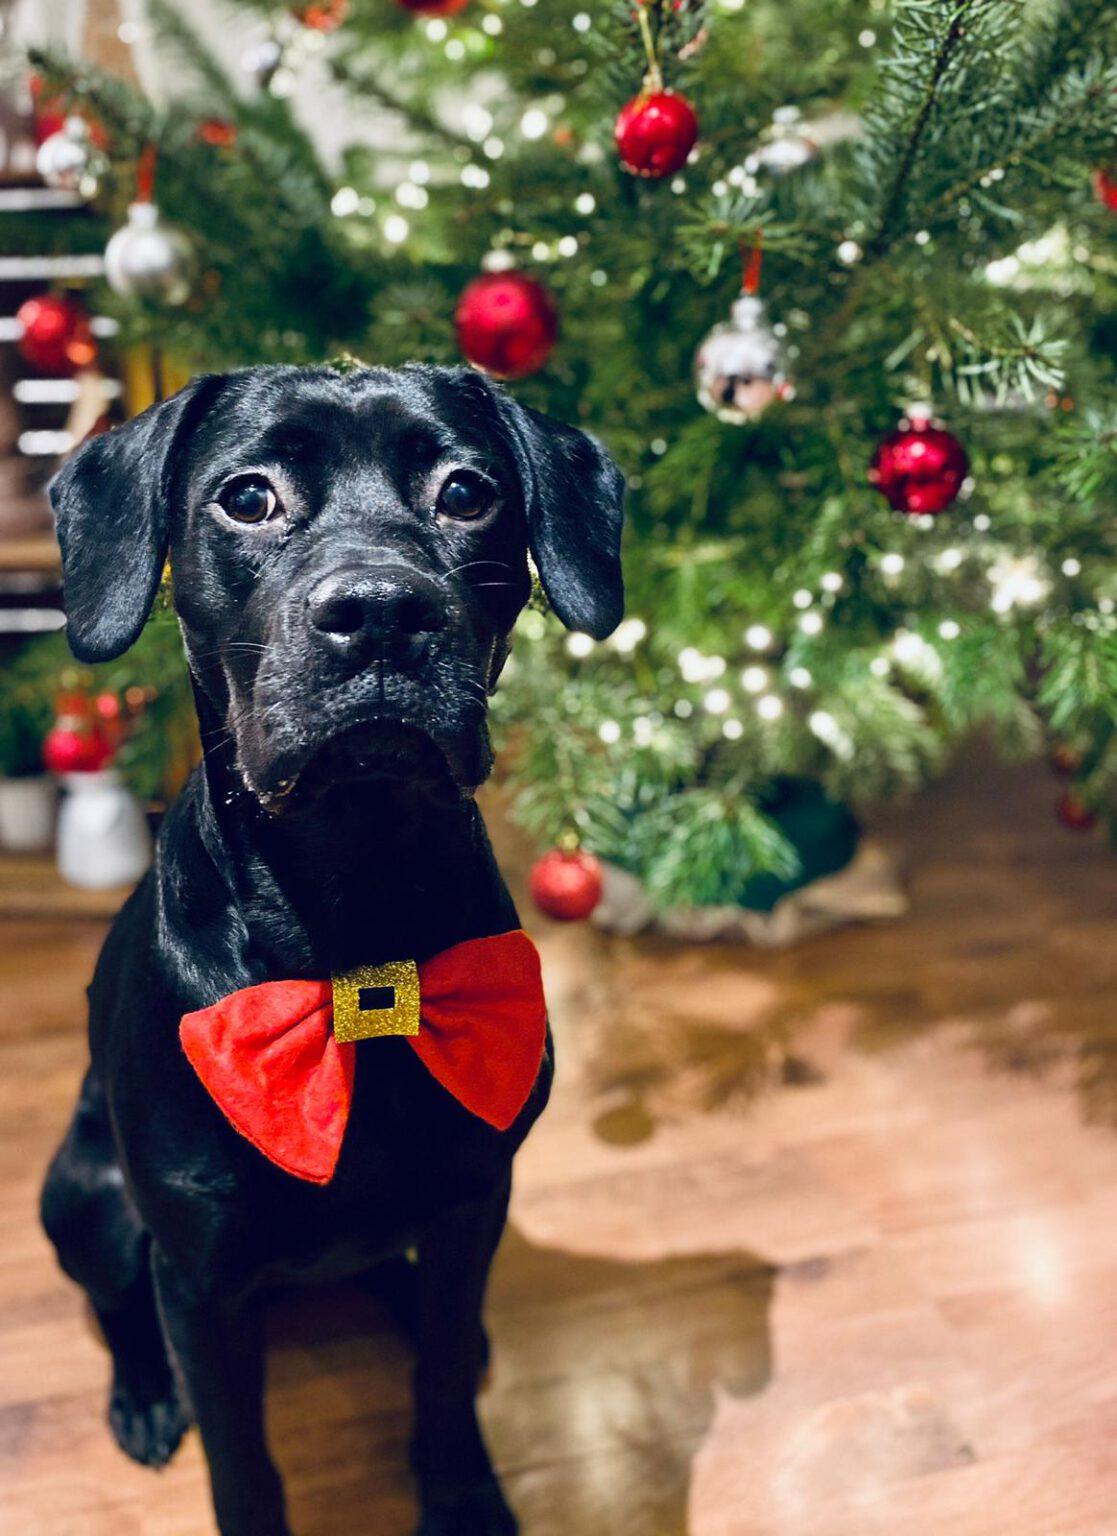 Hund mit roter Schleife als Weihnachtsgeschenk unterm Weihnachtsbaum